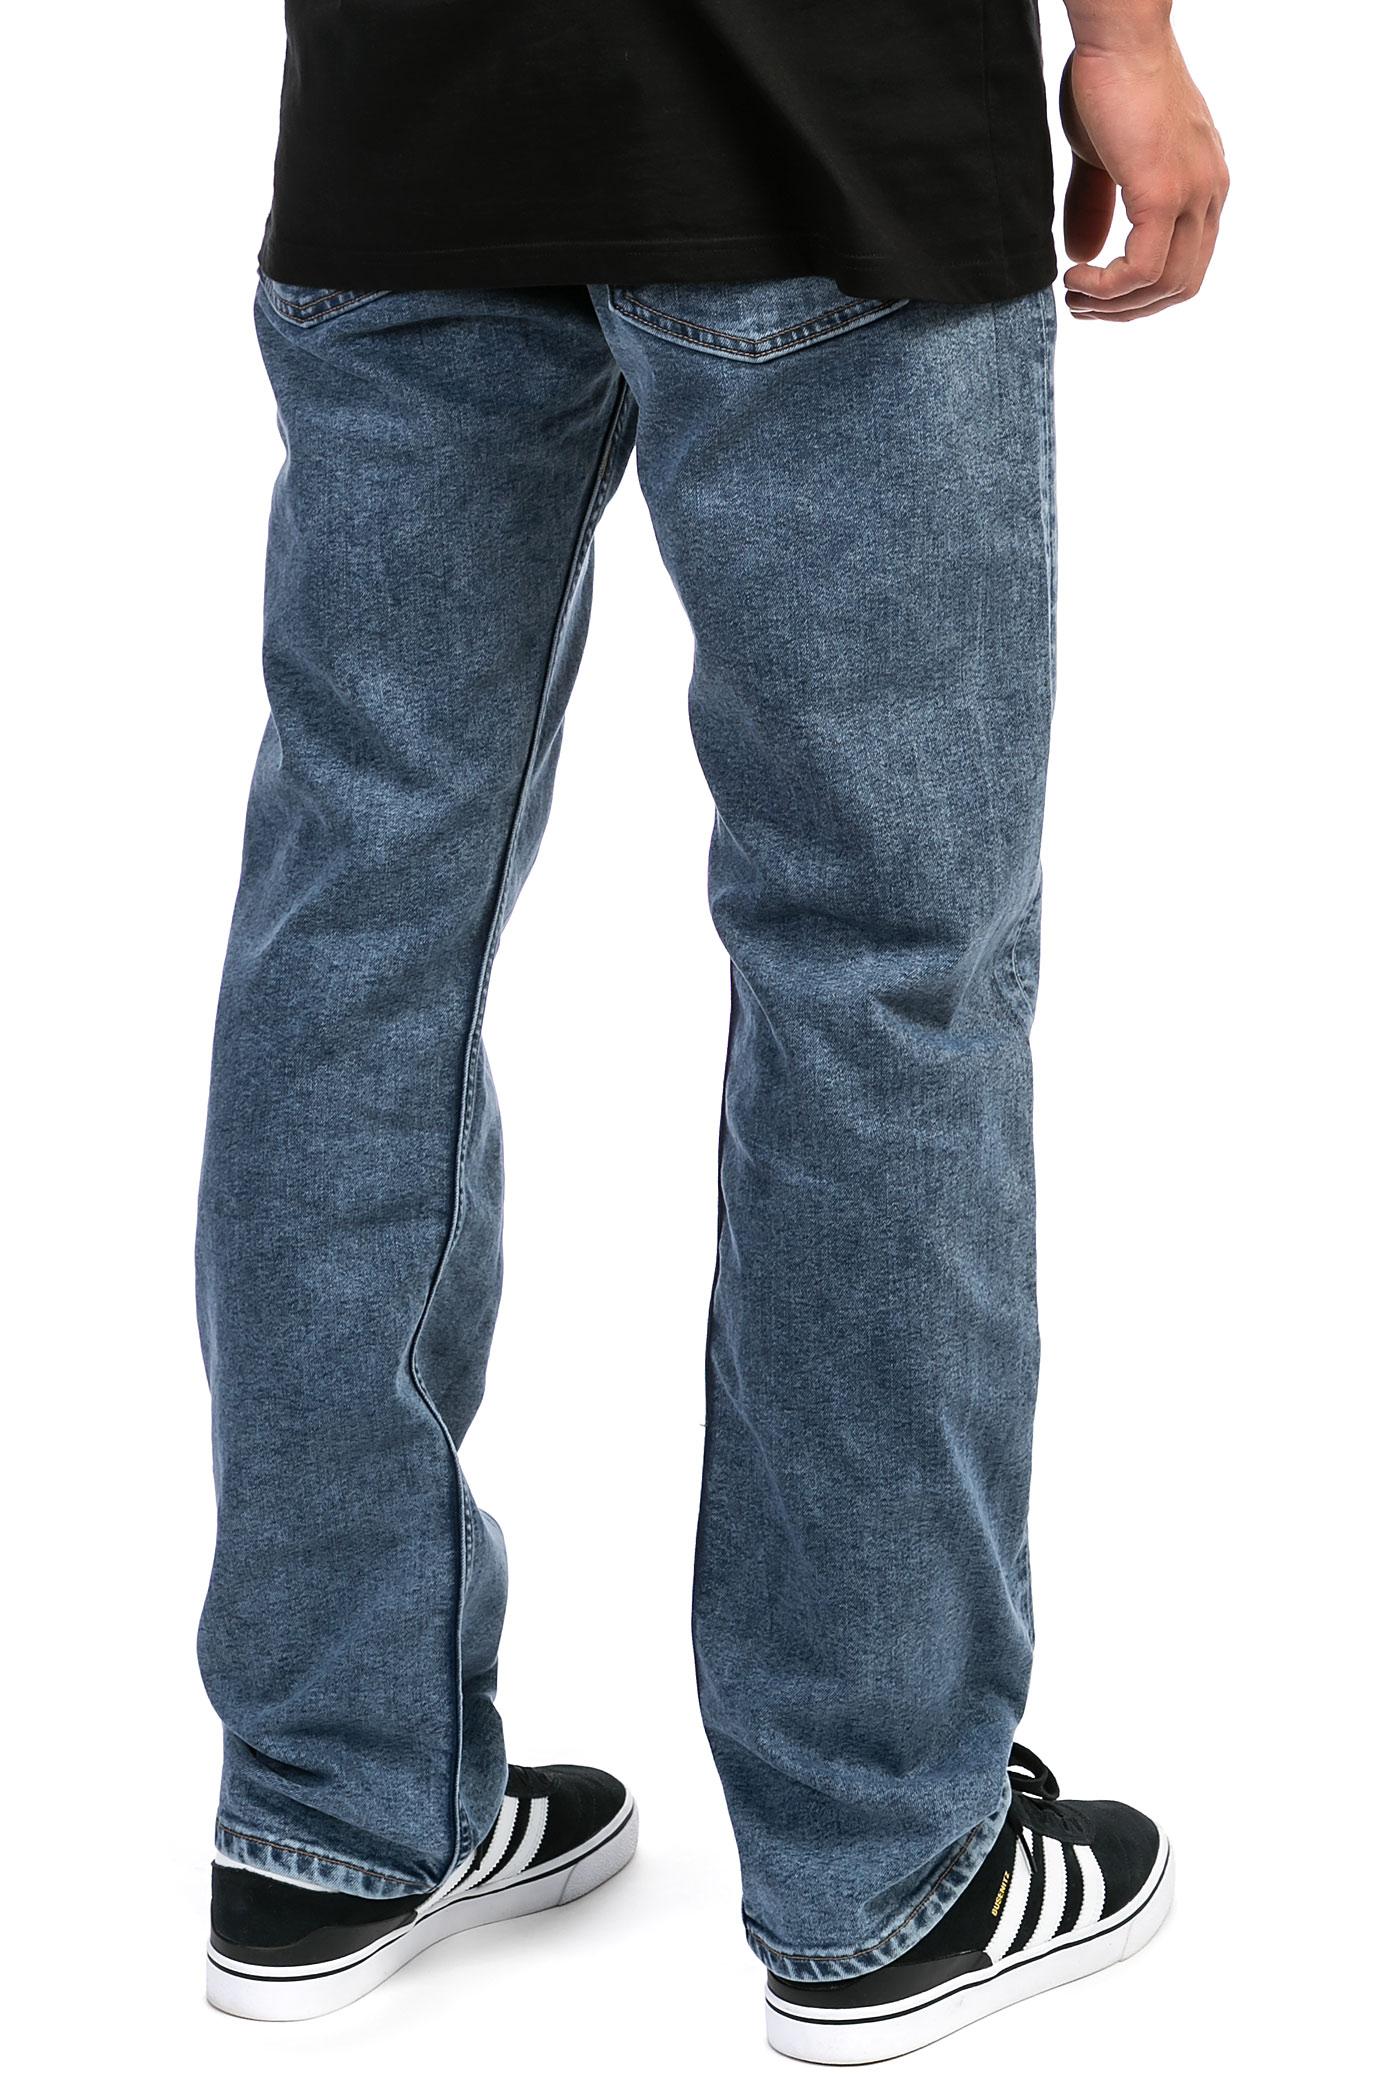 levi 39 s skate 501 jeans wallenberg buy at skatedeluxe. Black Bedroom Furniture Sets. Home Design Ideas